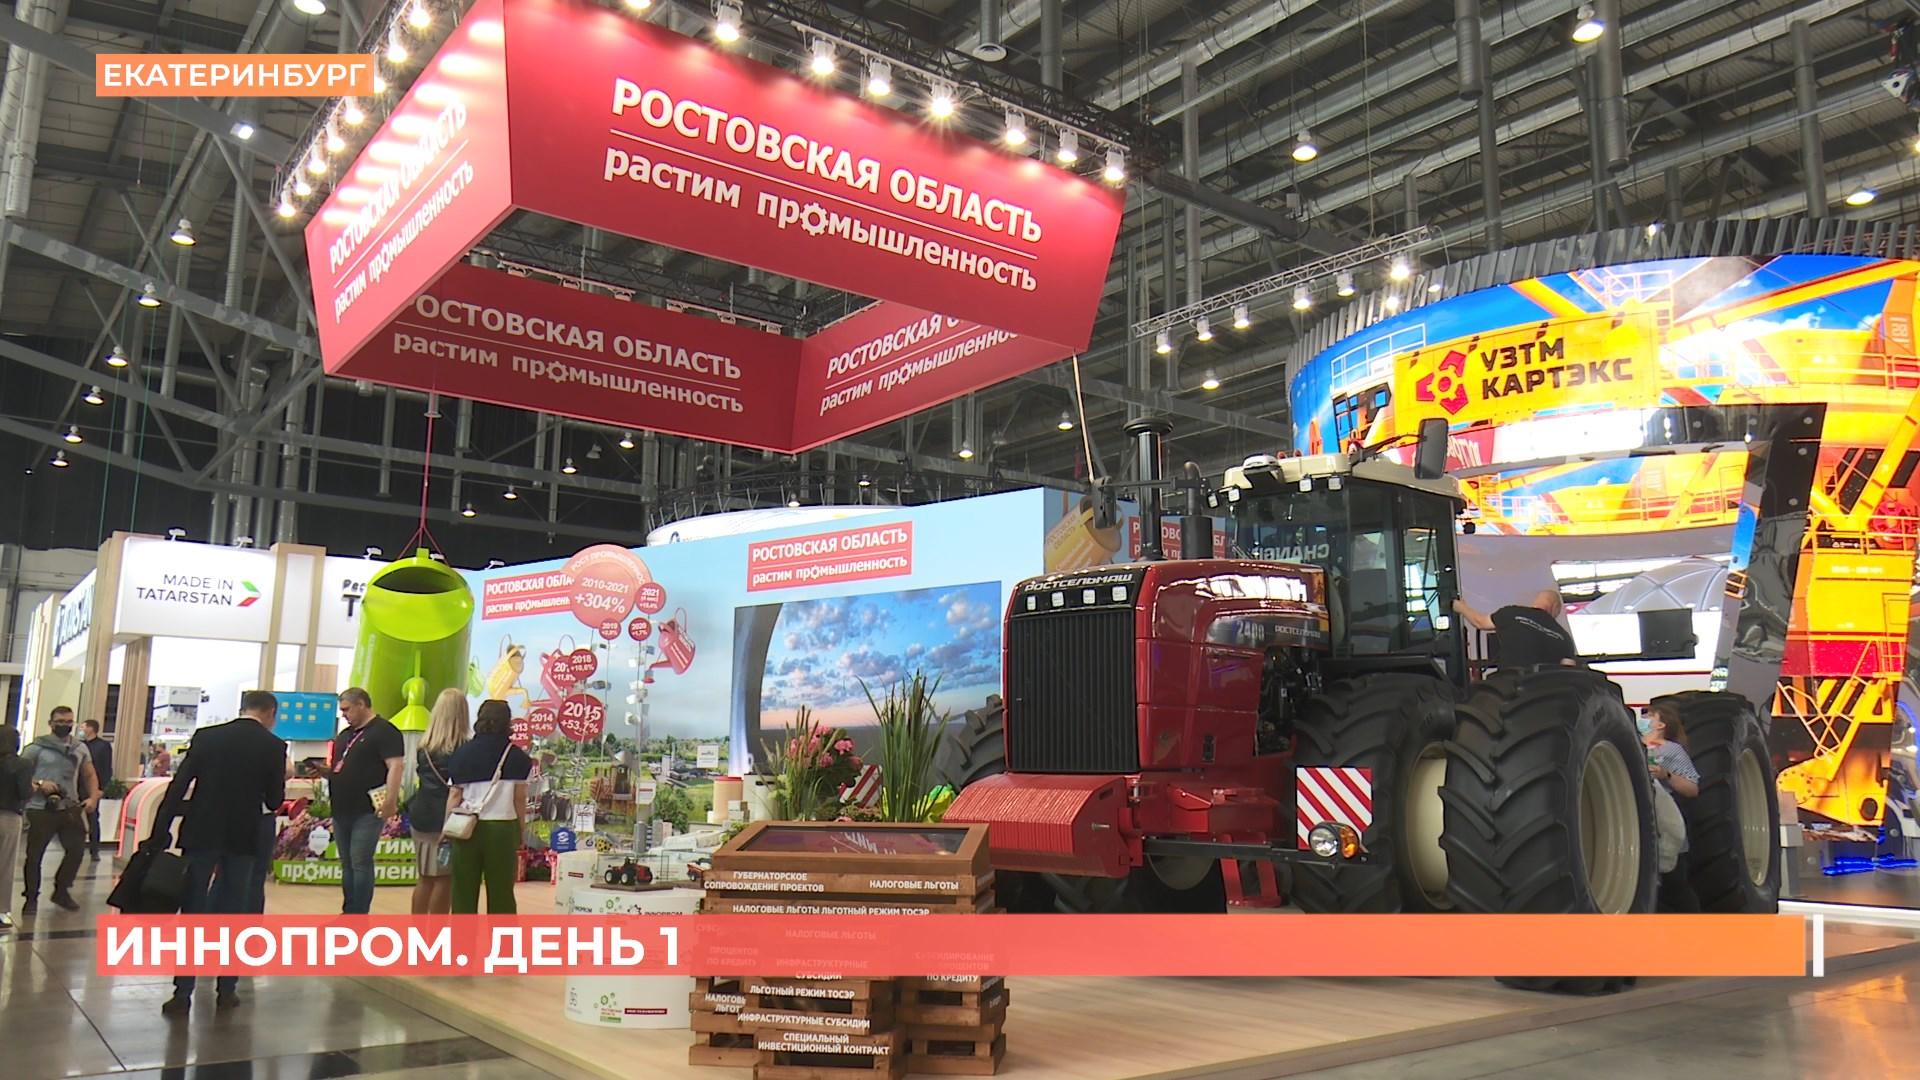 «Зелёные» производства и технологии: делегация Ростовской области подписала несколько соглашений в первый день работы «Иннопрома»